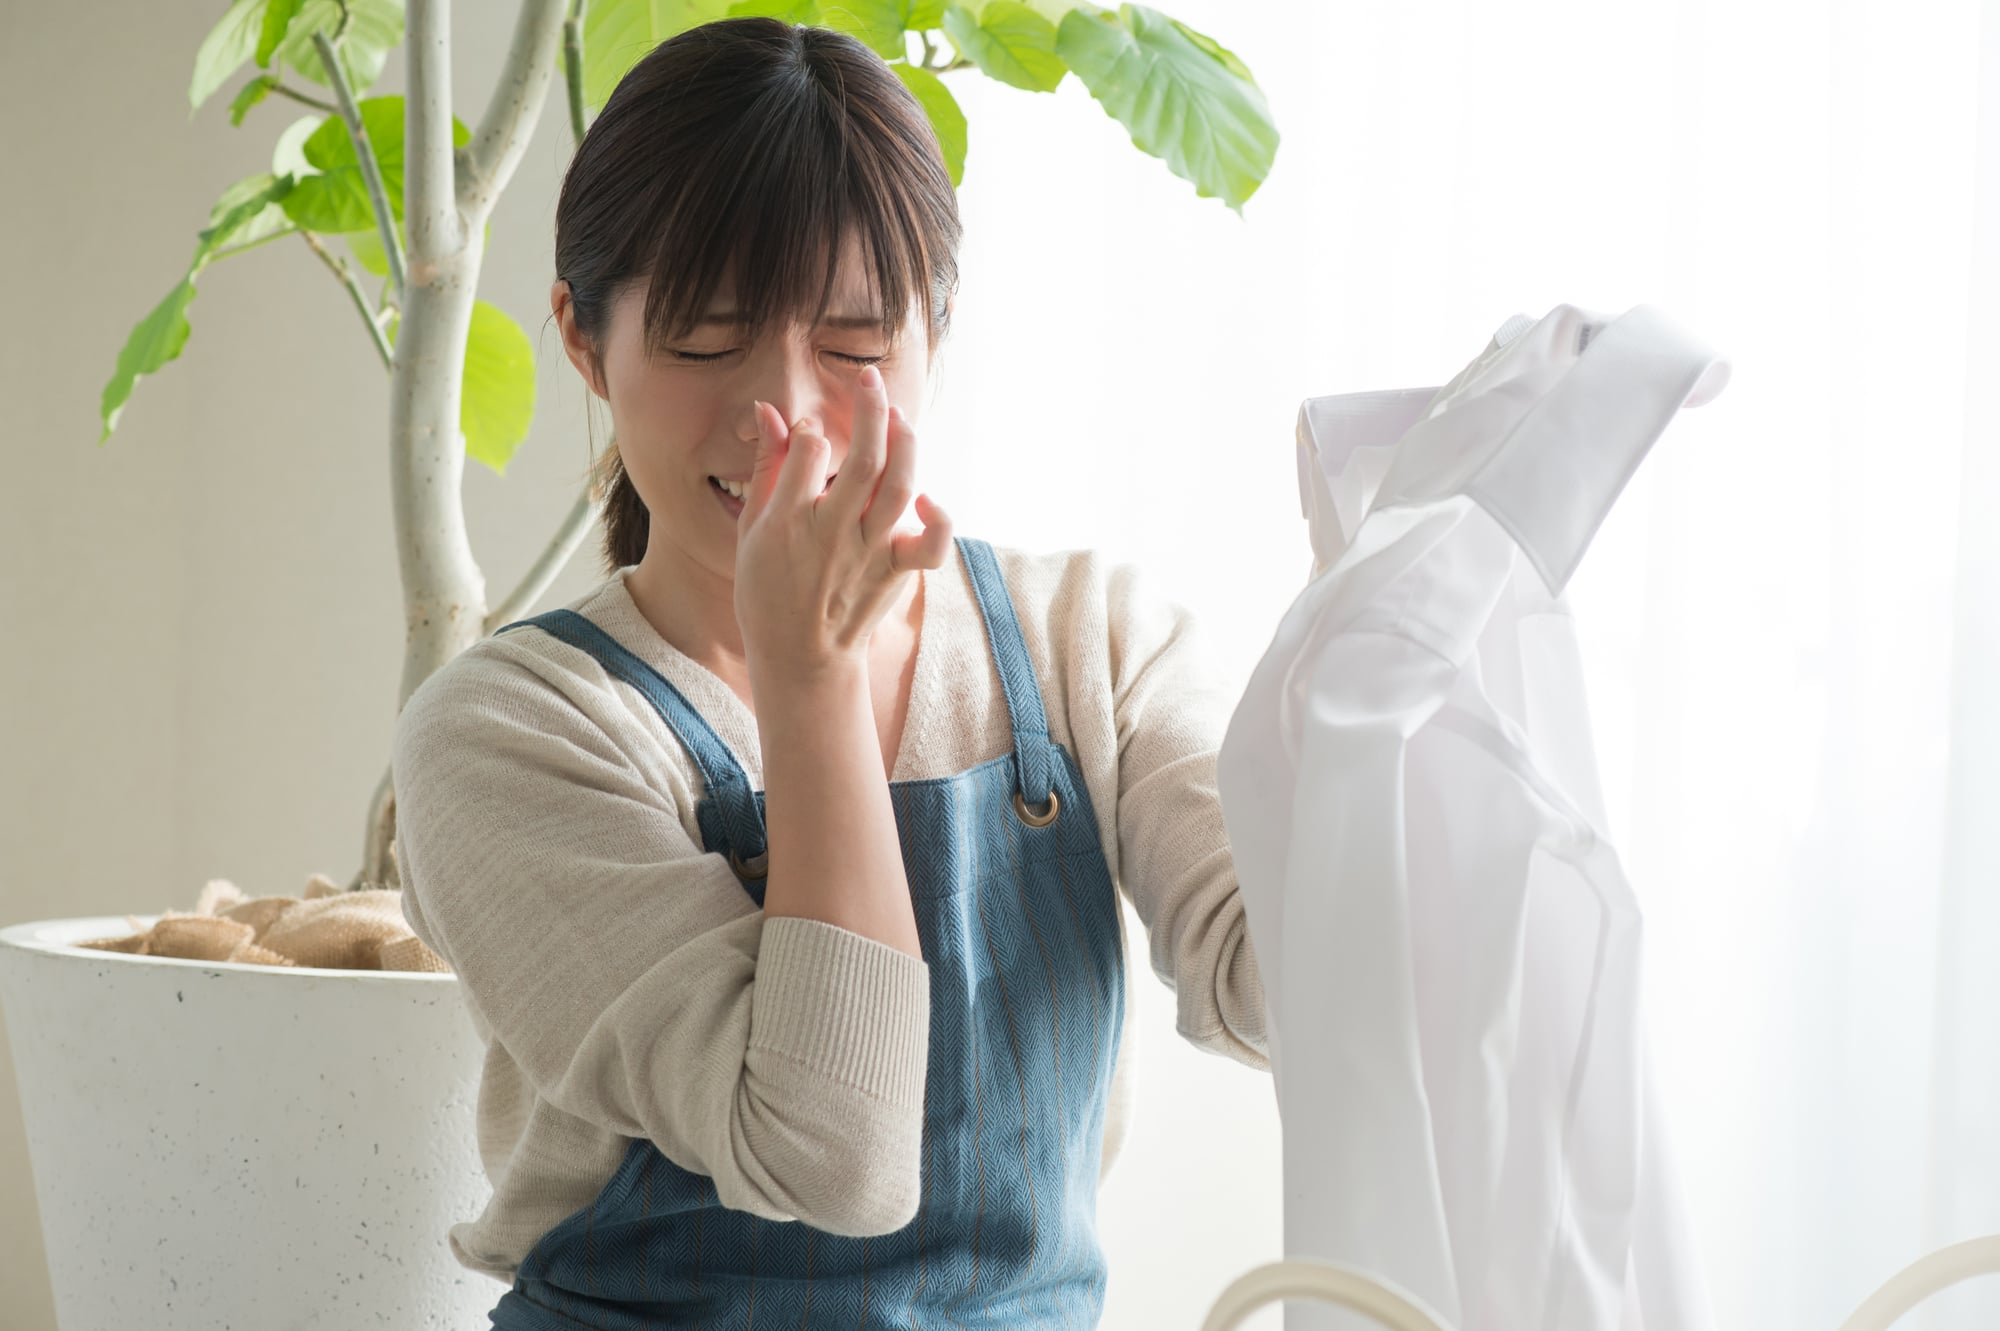 寝室が臭う……加齢臭に悩むママたちの消臭ワザ | ママスタ ...